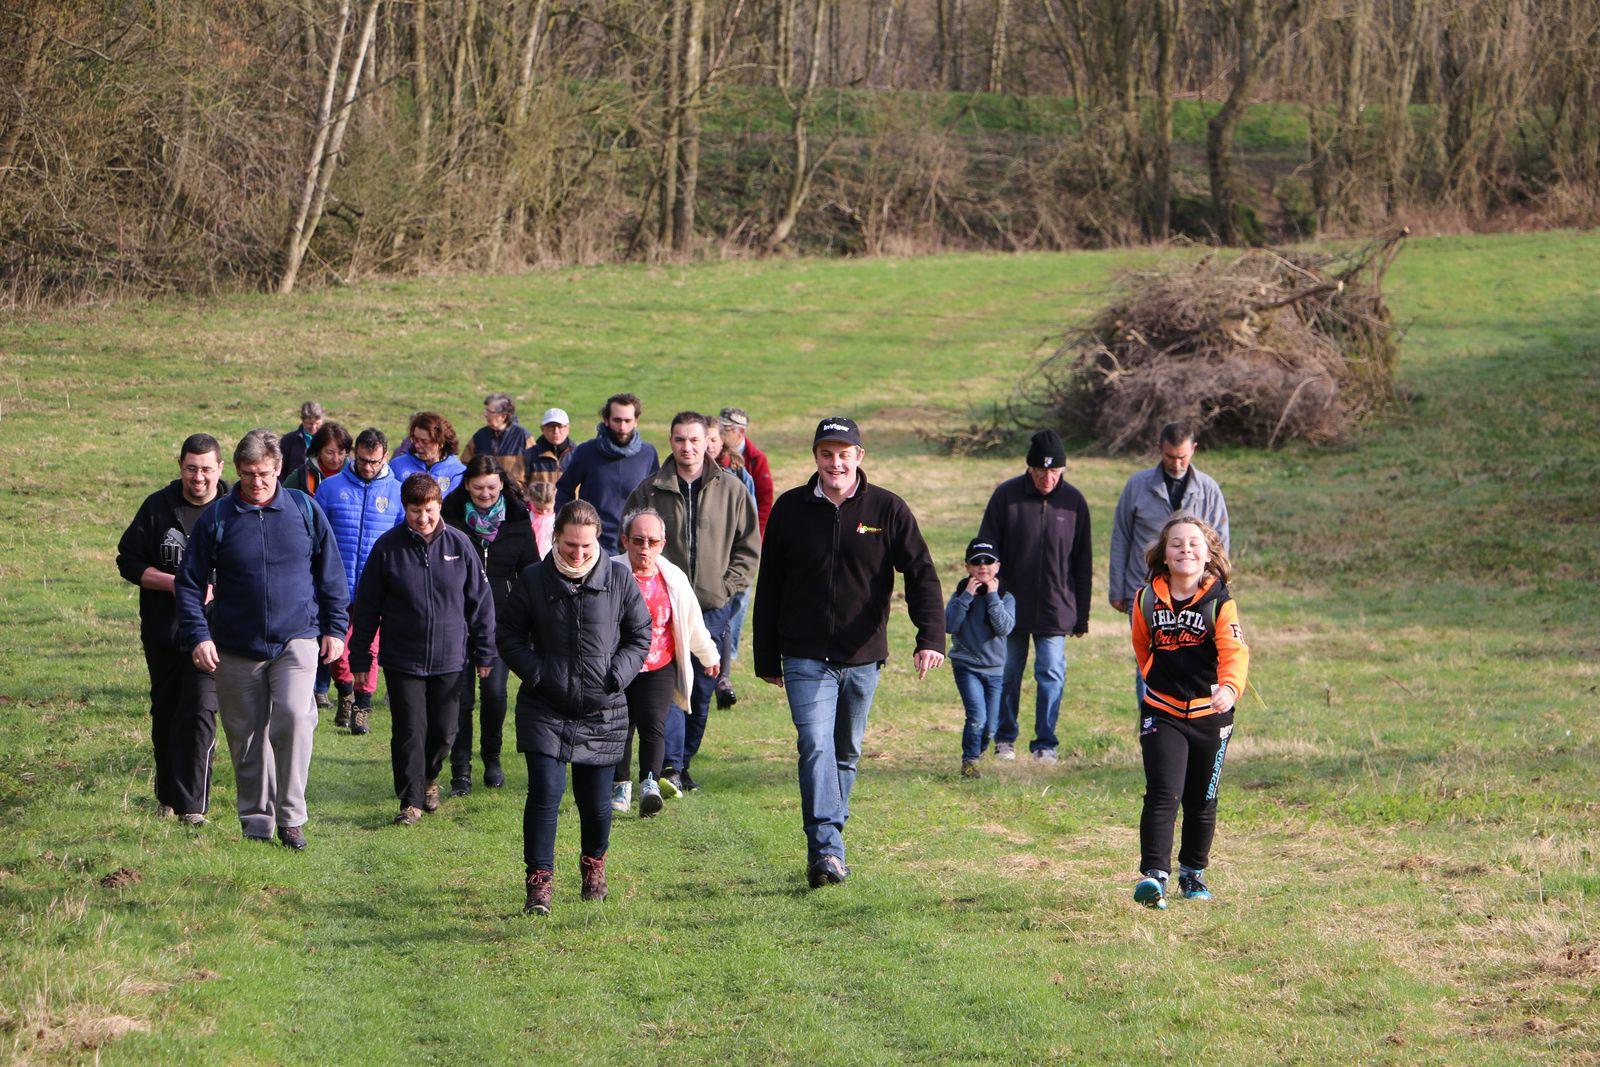 Un beau succès pour la première randonnée pédestre de la saison organisée par Remaucourt-Loisirs.